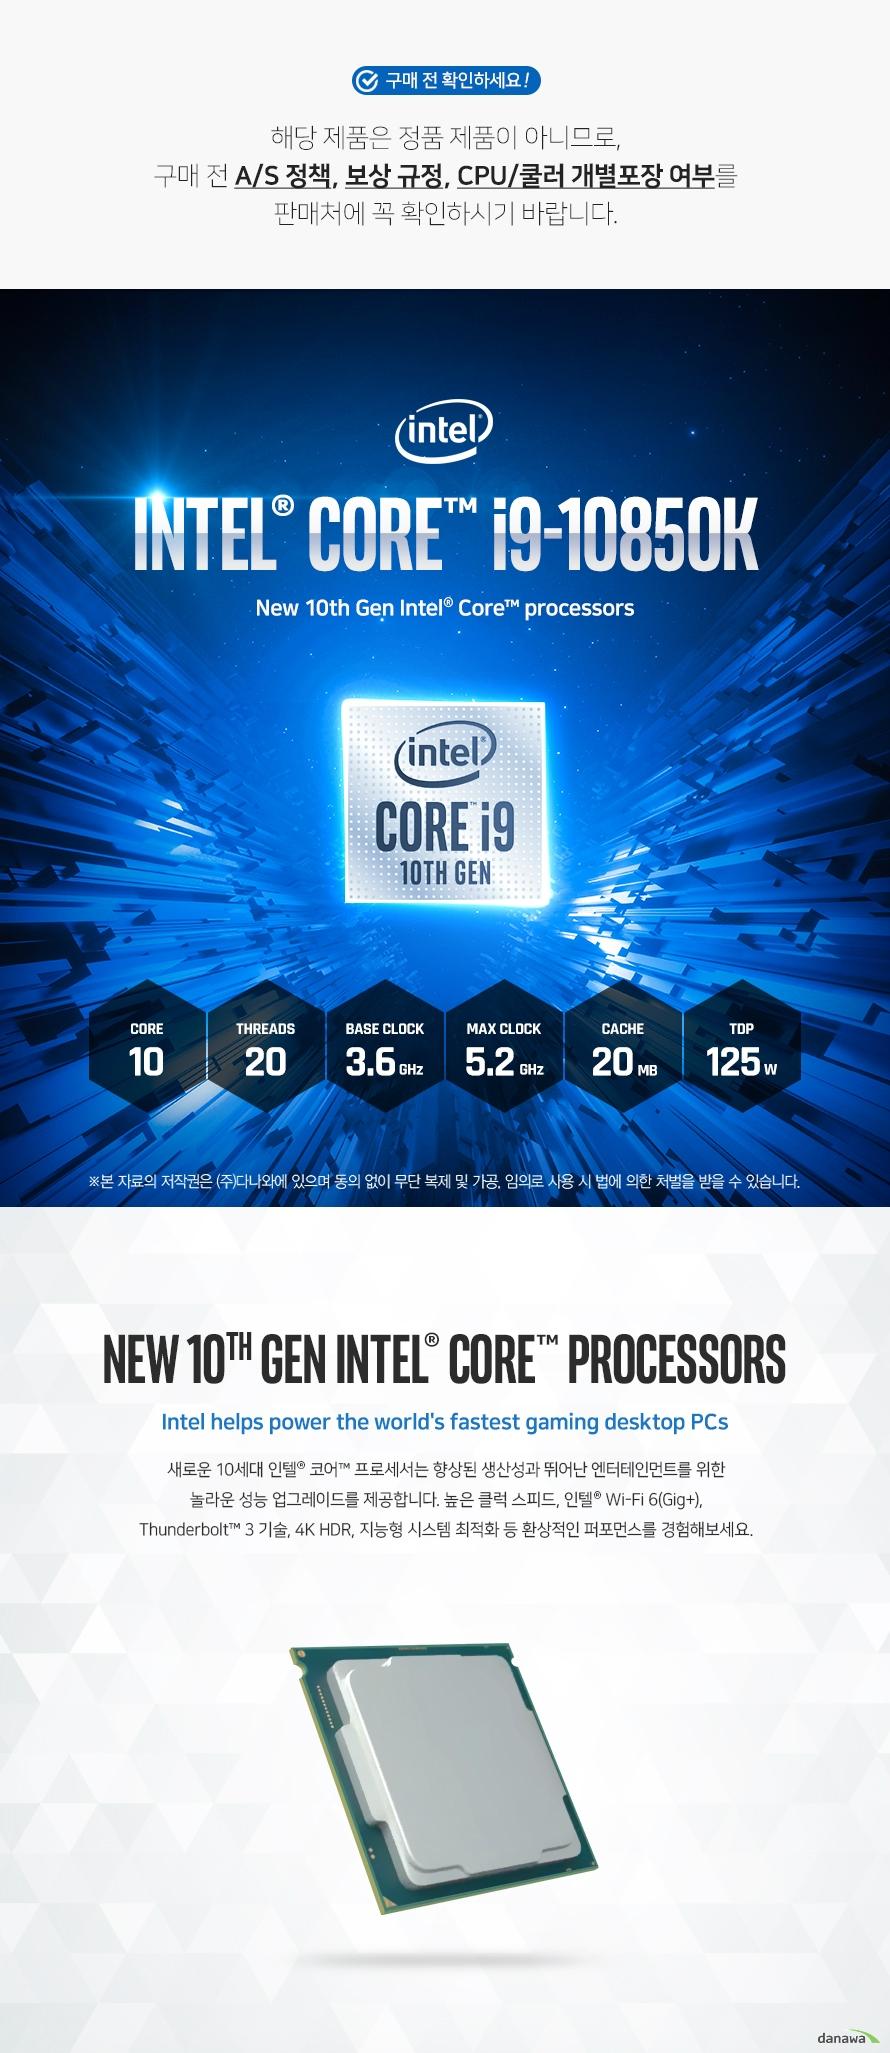 새로운 10세대 인텔® 코어™ 프로세서는 향상된 생산성과 뛰어난 엔터테인먼트를 위한  놀라운 성능 업그레이드를 제공합니다. 높은 클럭 스피드, 인텔® Wi-Fi 6(Gig+),  Thunderbolt™ 3 기술, 4K HDR, 지능형 시스템 최적화 등 환상적인 퍼포먼스를 경험해보세요.  인텔® Wi-Fi 6(Gig+) PC를 사용하여 긴 대기 시간과 잦은 버퍼링, 여러 게이밍 오류의 불편함에서 벗어나고 다양한 장치들로 인해 성능이 저하된 홈 네트워크에서도  더욱 빨라진 Wi-Fi 성능을 경험하십시오.  Thunderbolt™ 3 포트는 현존하는 가장 빠른 USB-C로써 빠른 속도로 데이터 및 대용량 파일을 전송하여 게임을 즐길 수 있습니다. 더욱 많은 게임 라이브러리를 외장 SSD에 저장하고 어디서든 지연없이 게임을 플레이할 수 있습니다.  환상적인 게임 내 경험을 원하는 게이머, 제작과 공유는 더 많이 하려는 제작자  모두에게 이 새로운 세대의 프로세서는 새로운 차원의 성능을 선사합니다.   듀얼 채널 DDR4 메모리를 지원하여 기존 DDR3 메모리에 비해 향상된 빨라진 성능과 전력 효율 상승 효과로 최상의 성능 및 환경을 제공합니다.  인텔® Thermal Velocity Boost(인텔® TVB), 인텔® 스마트 캐시, 고도로 발전된 오버클러킹 툴,  인텔® 이더넷 연결 I225 등 10세대 인텔® 코어™ 데스크탑 프로세서는 게이머 및 제작 전문가들에게  놀라운 수준의 성능 이점을 제공합니다.  내장 그래픽 성능을 대폭 늘려 4K 초고해상도 영상을 60프레임으로 감상하실 수 있습니다.  선명한 화질과 화사한 색감으로 퀄리티 있는 디스플레이 환경을 제공합니다.  낮은 부하의 작업 시 자동으로 하나의 코어 속도를 높여 동작 속도를 빠르게 합니다. 고성능을 요구하는 작업에서 더욱 강력한 연산 능력을 제공합니다.  물리적 코어당 2개의 처리 스레드를 제공합니다. 스레드를 많이 활용하는 응용 프로그램 일수록 동시에 작업을 수행할 수 있기 때문에 작업 효율이 증가합니다.